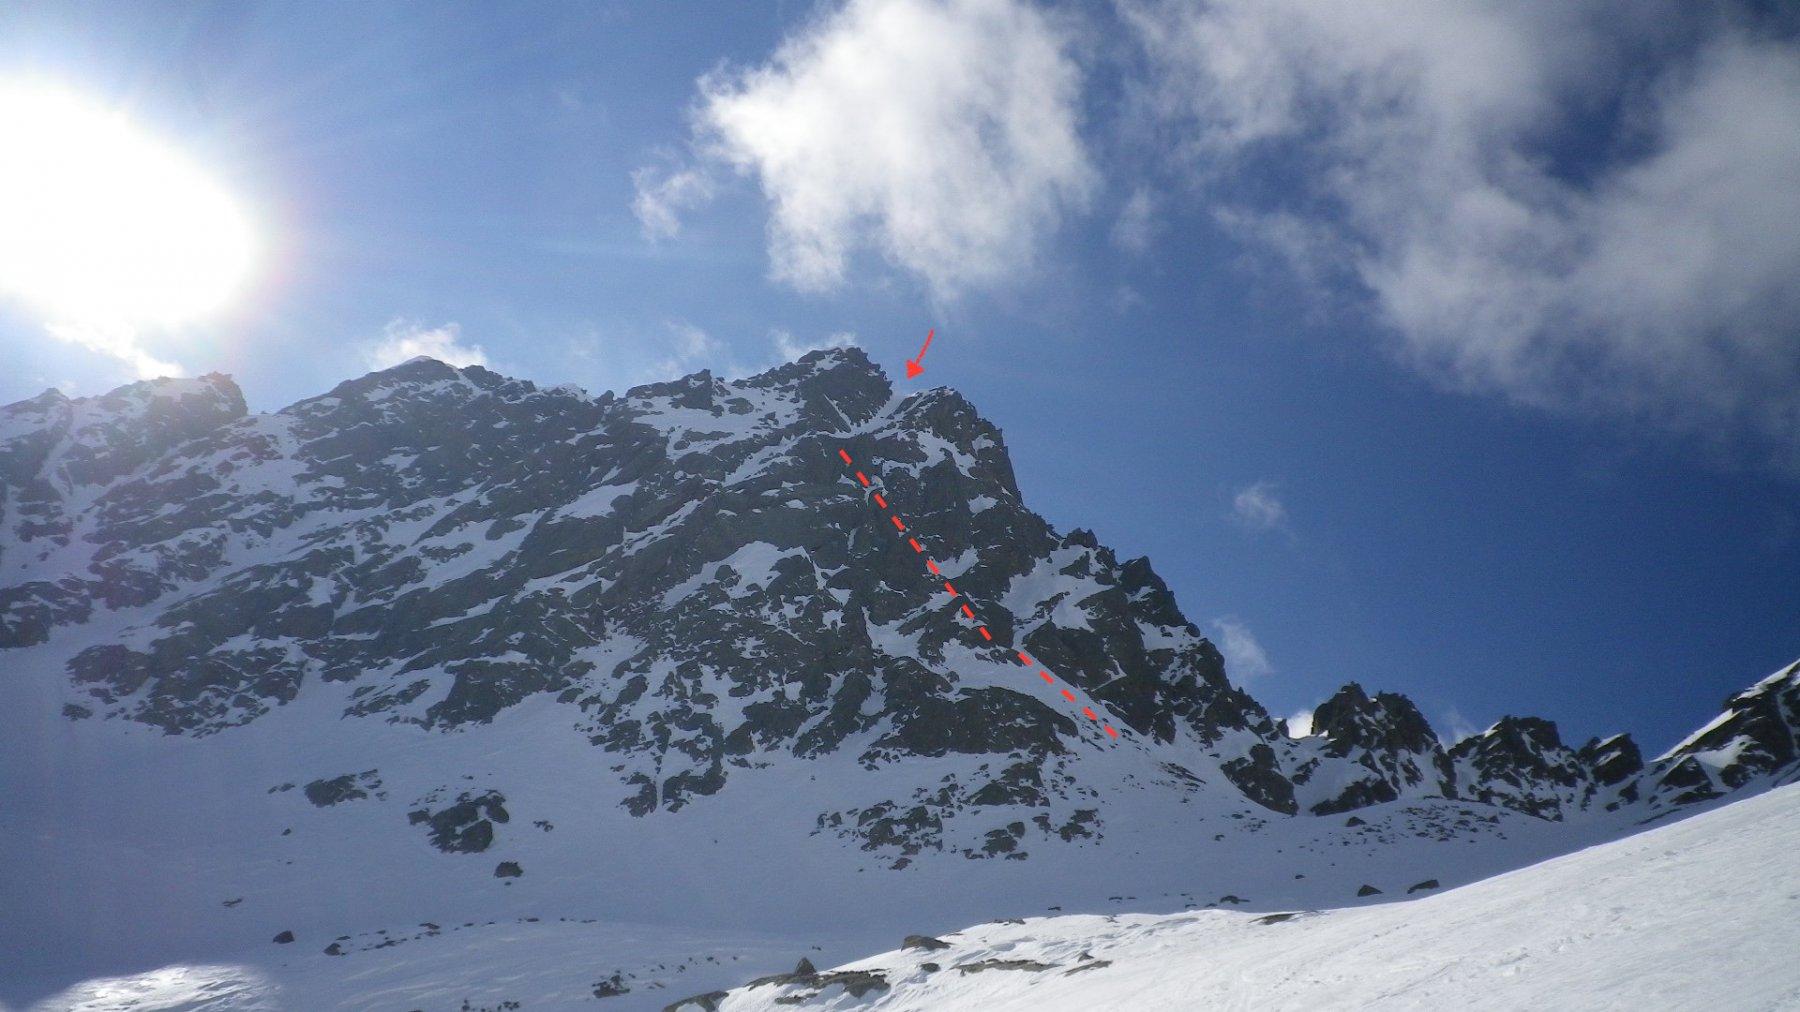 Dai 2600 mt, si vede la parte alta. Nascosta dalle rocce la parte bassa sopra la conoide